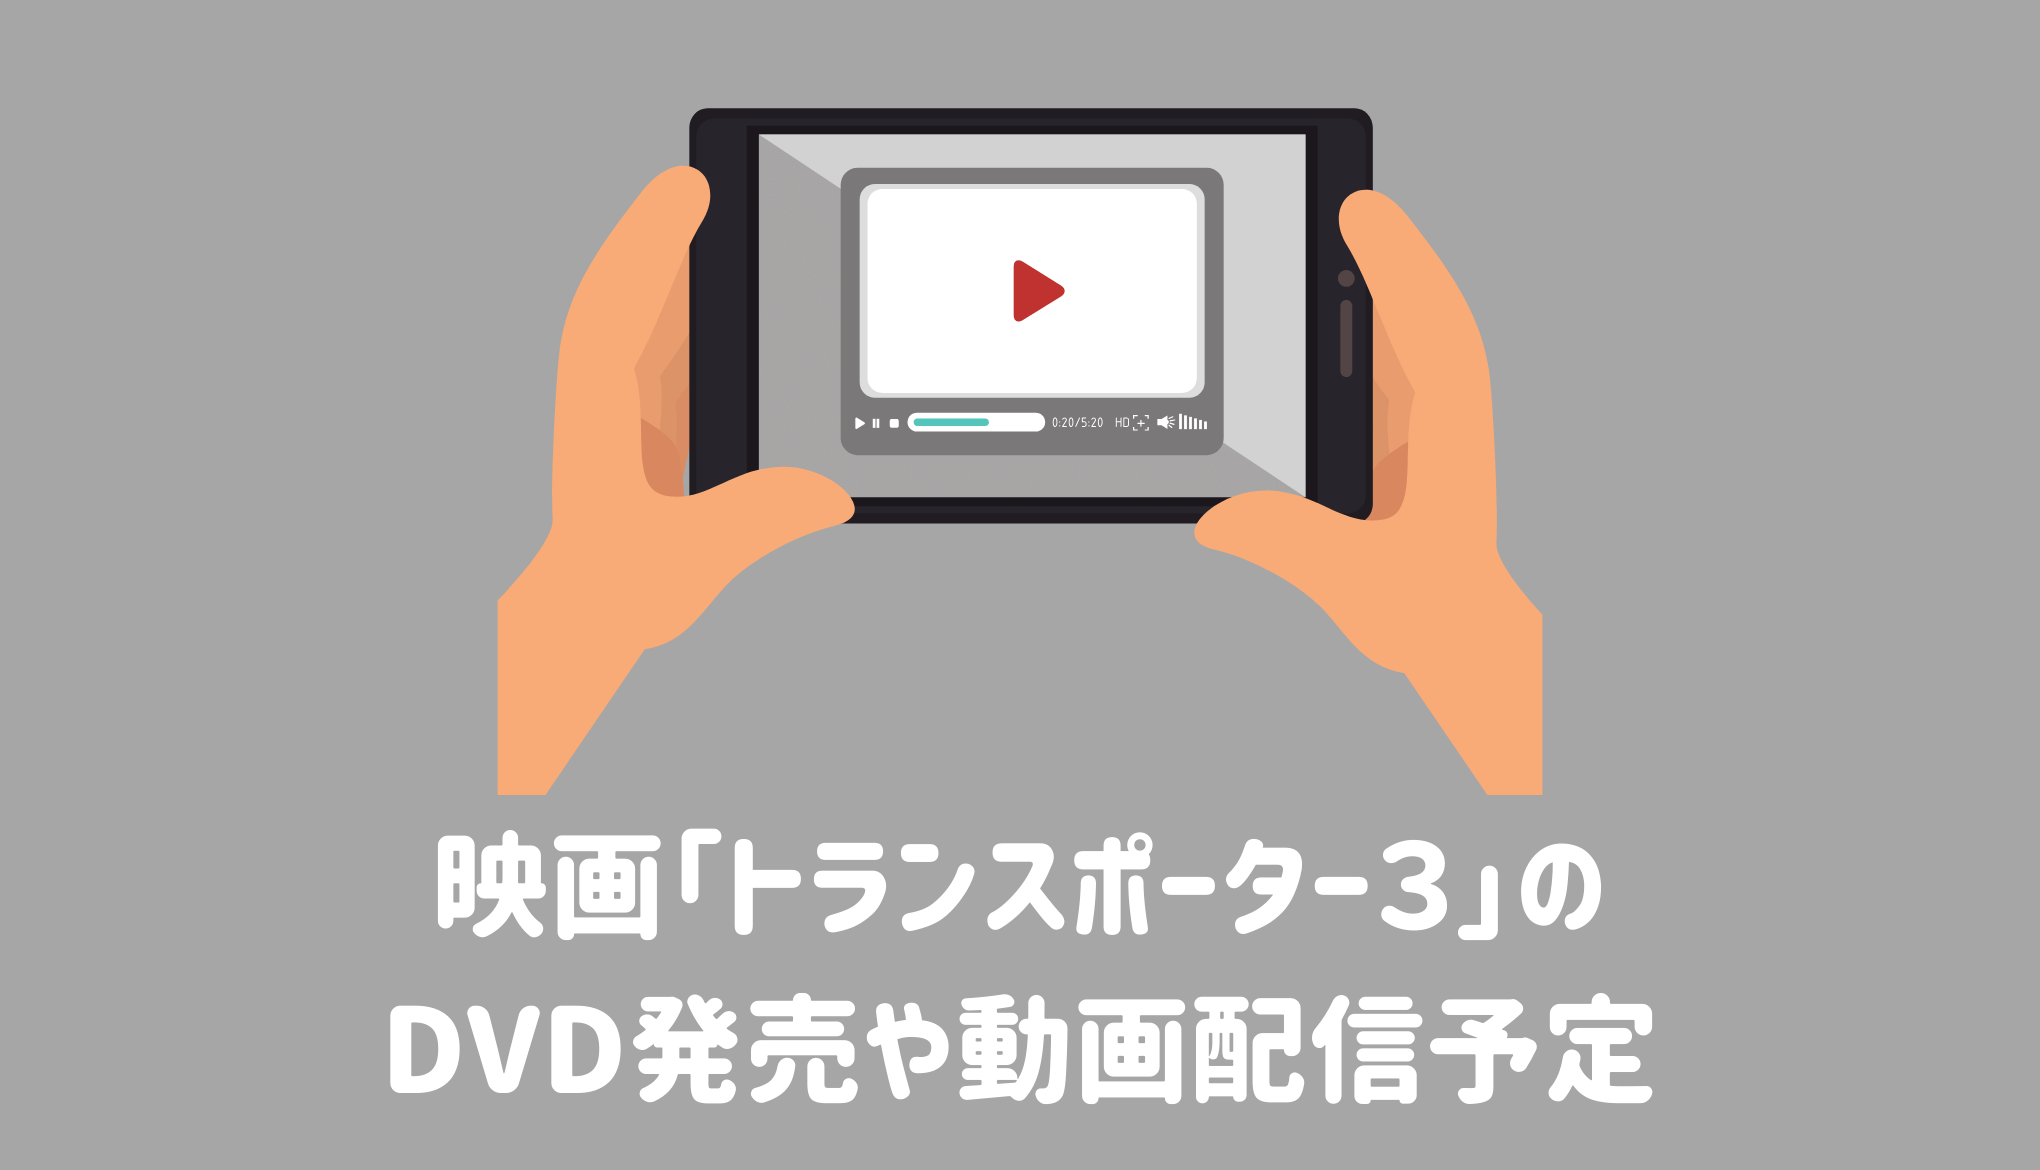 映画「トランスポーター3」のDVD発売や動画配信予定